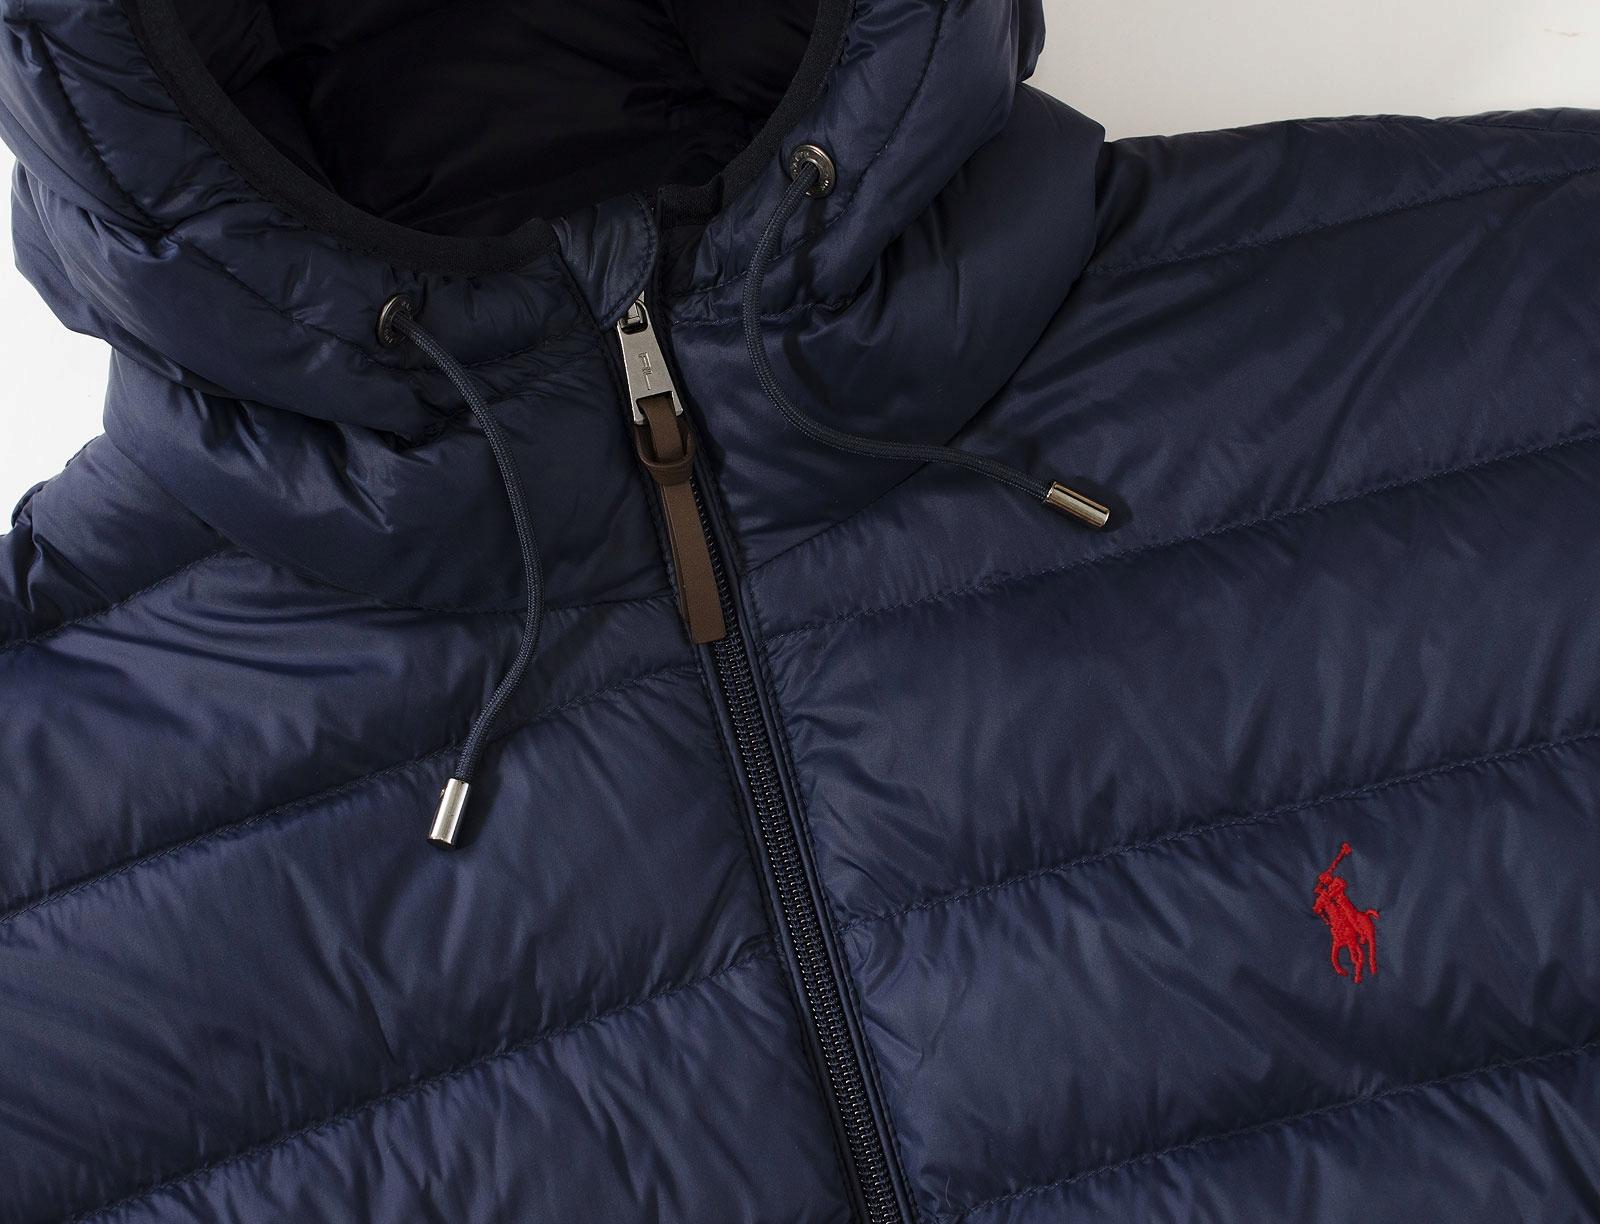 3944f338d POLO Ralph Lauren kurtka męska NEW roz: XL - 7639015163 - oficjalne ...